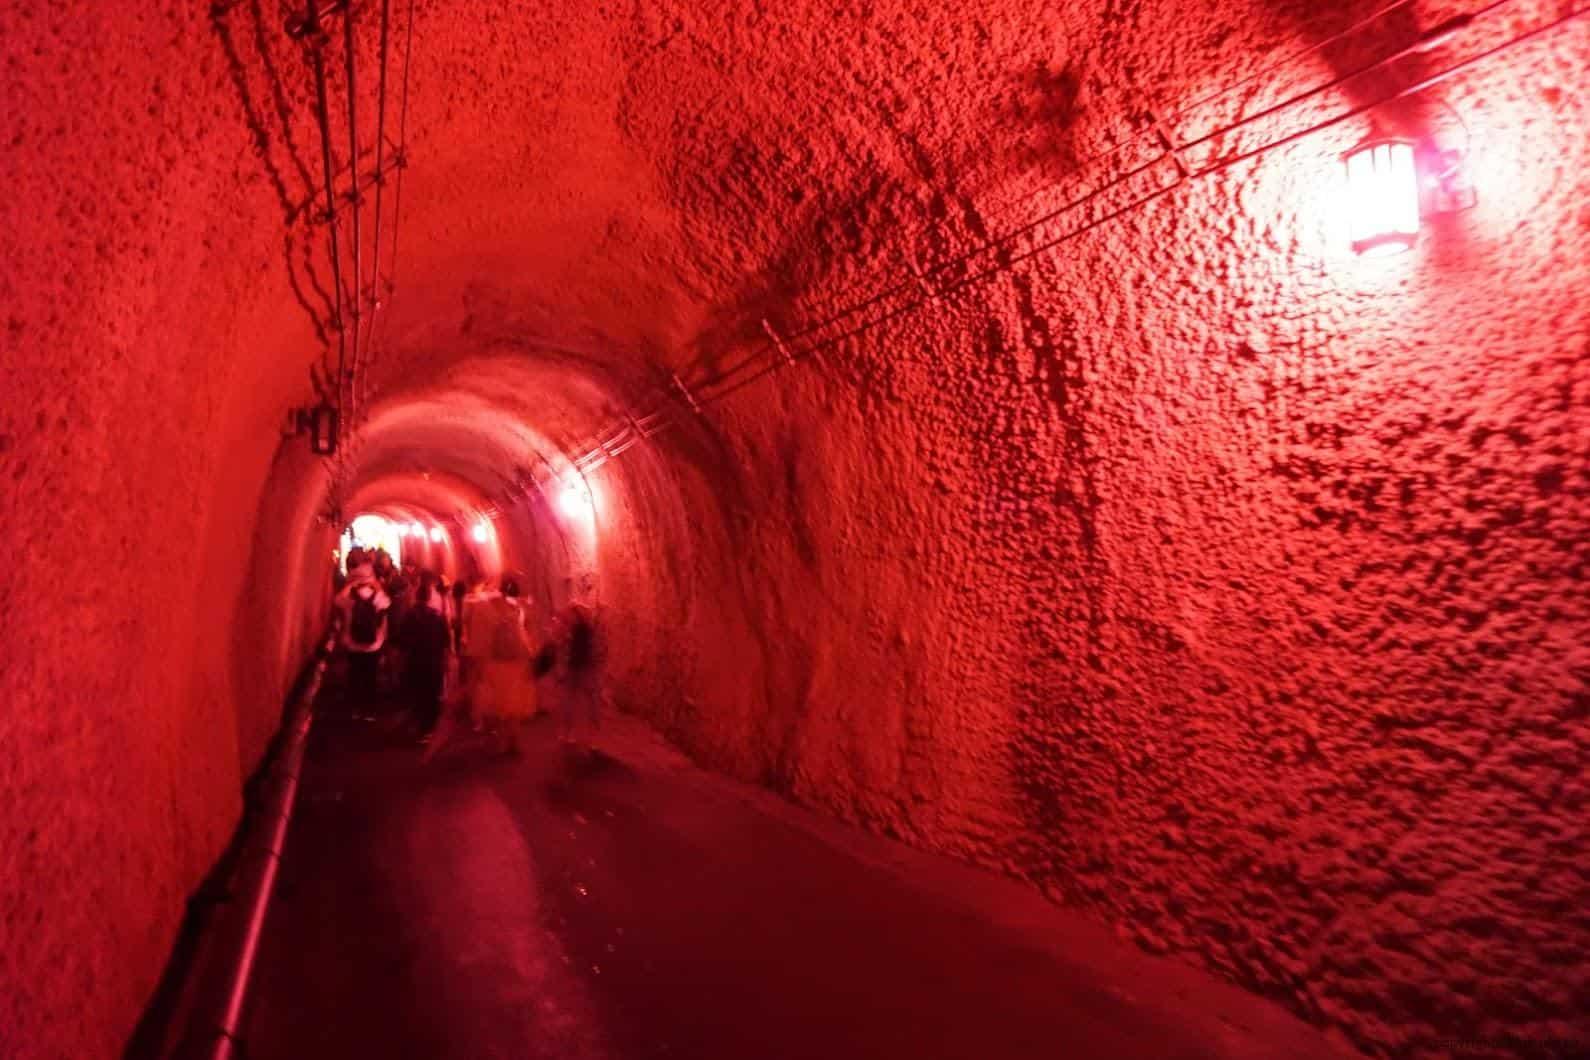 馬岩松,光洞,色—土(隧道),途中每段隧道中呈現不同色彩昏暗燈光,陪襯玄妙音樂,變得未知與神秘 越後妻有 光洞 periscopelight cave 04